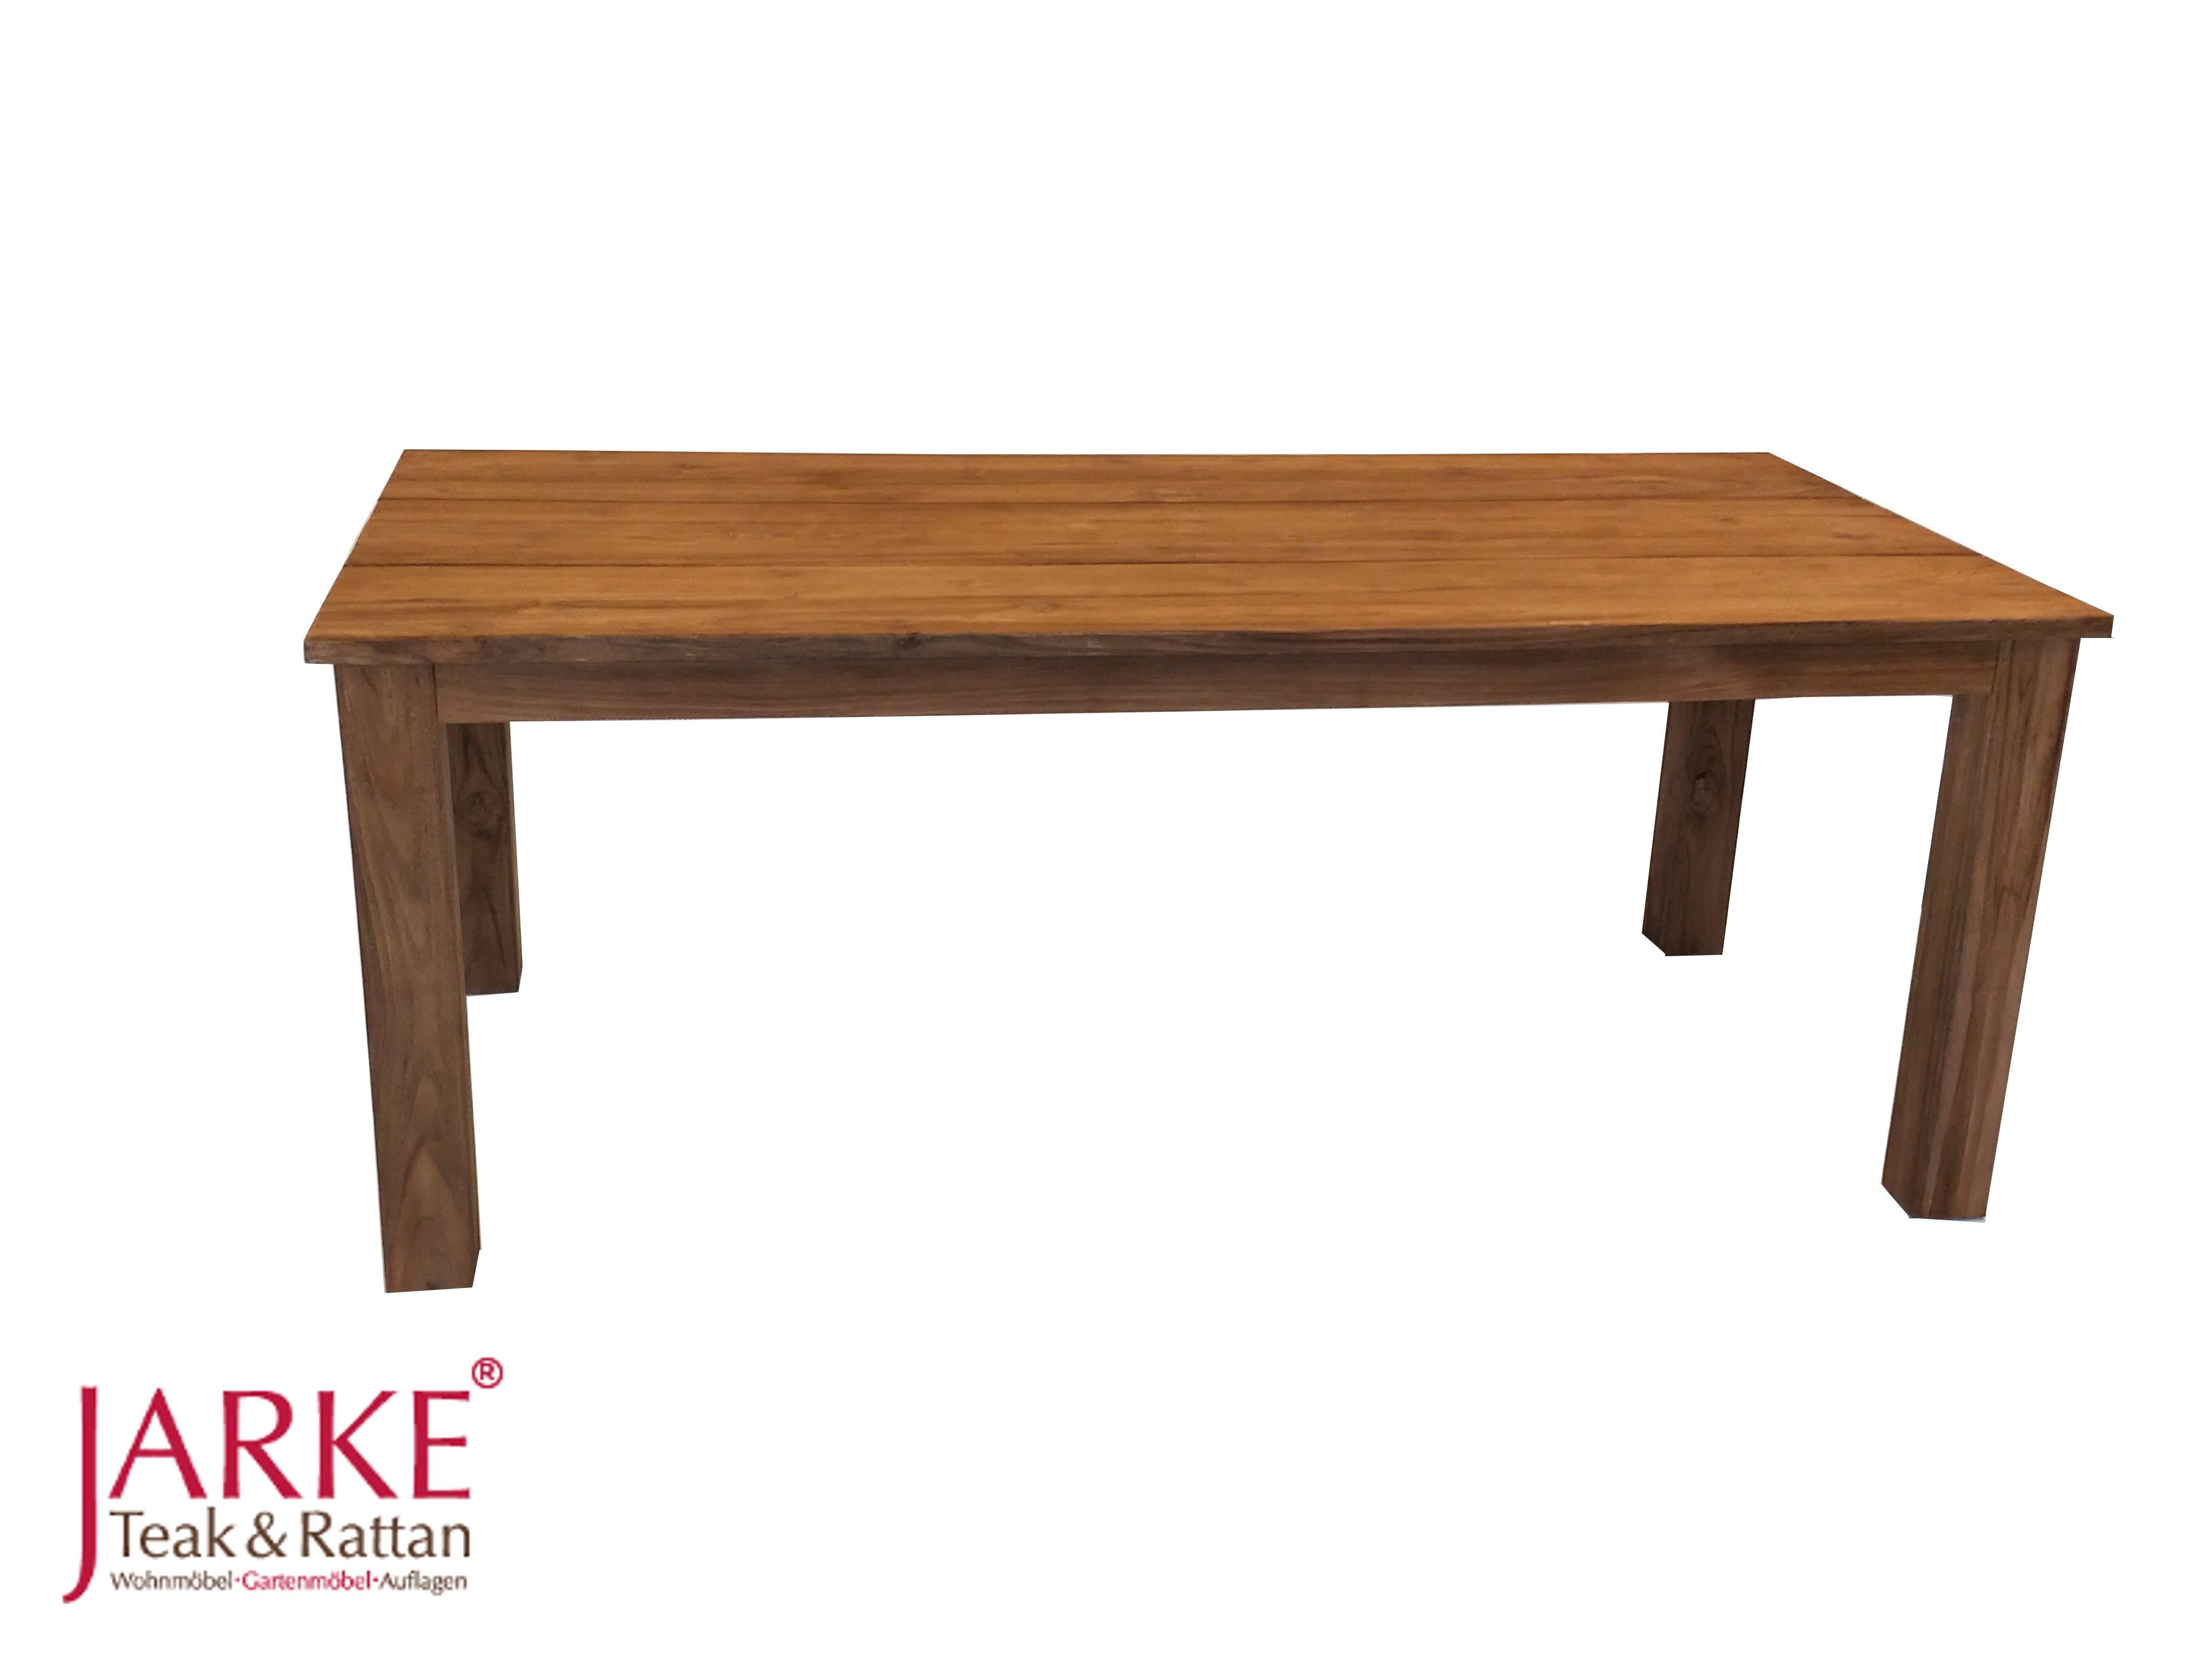 Tisch Mit Extra Breiter Lattung Von 32 Cm Aus Old Teak Bei Jarke